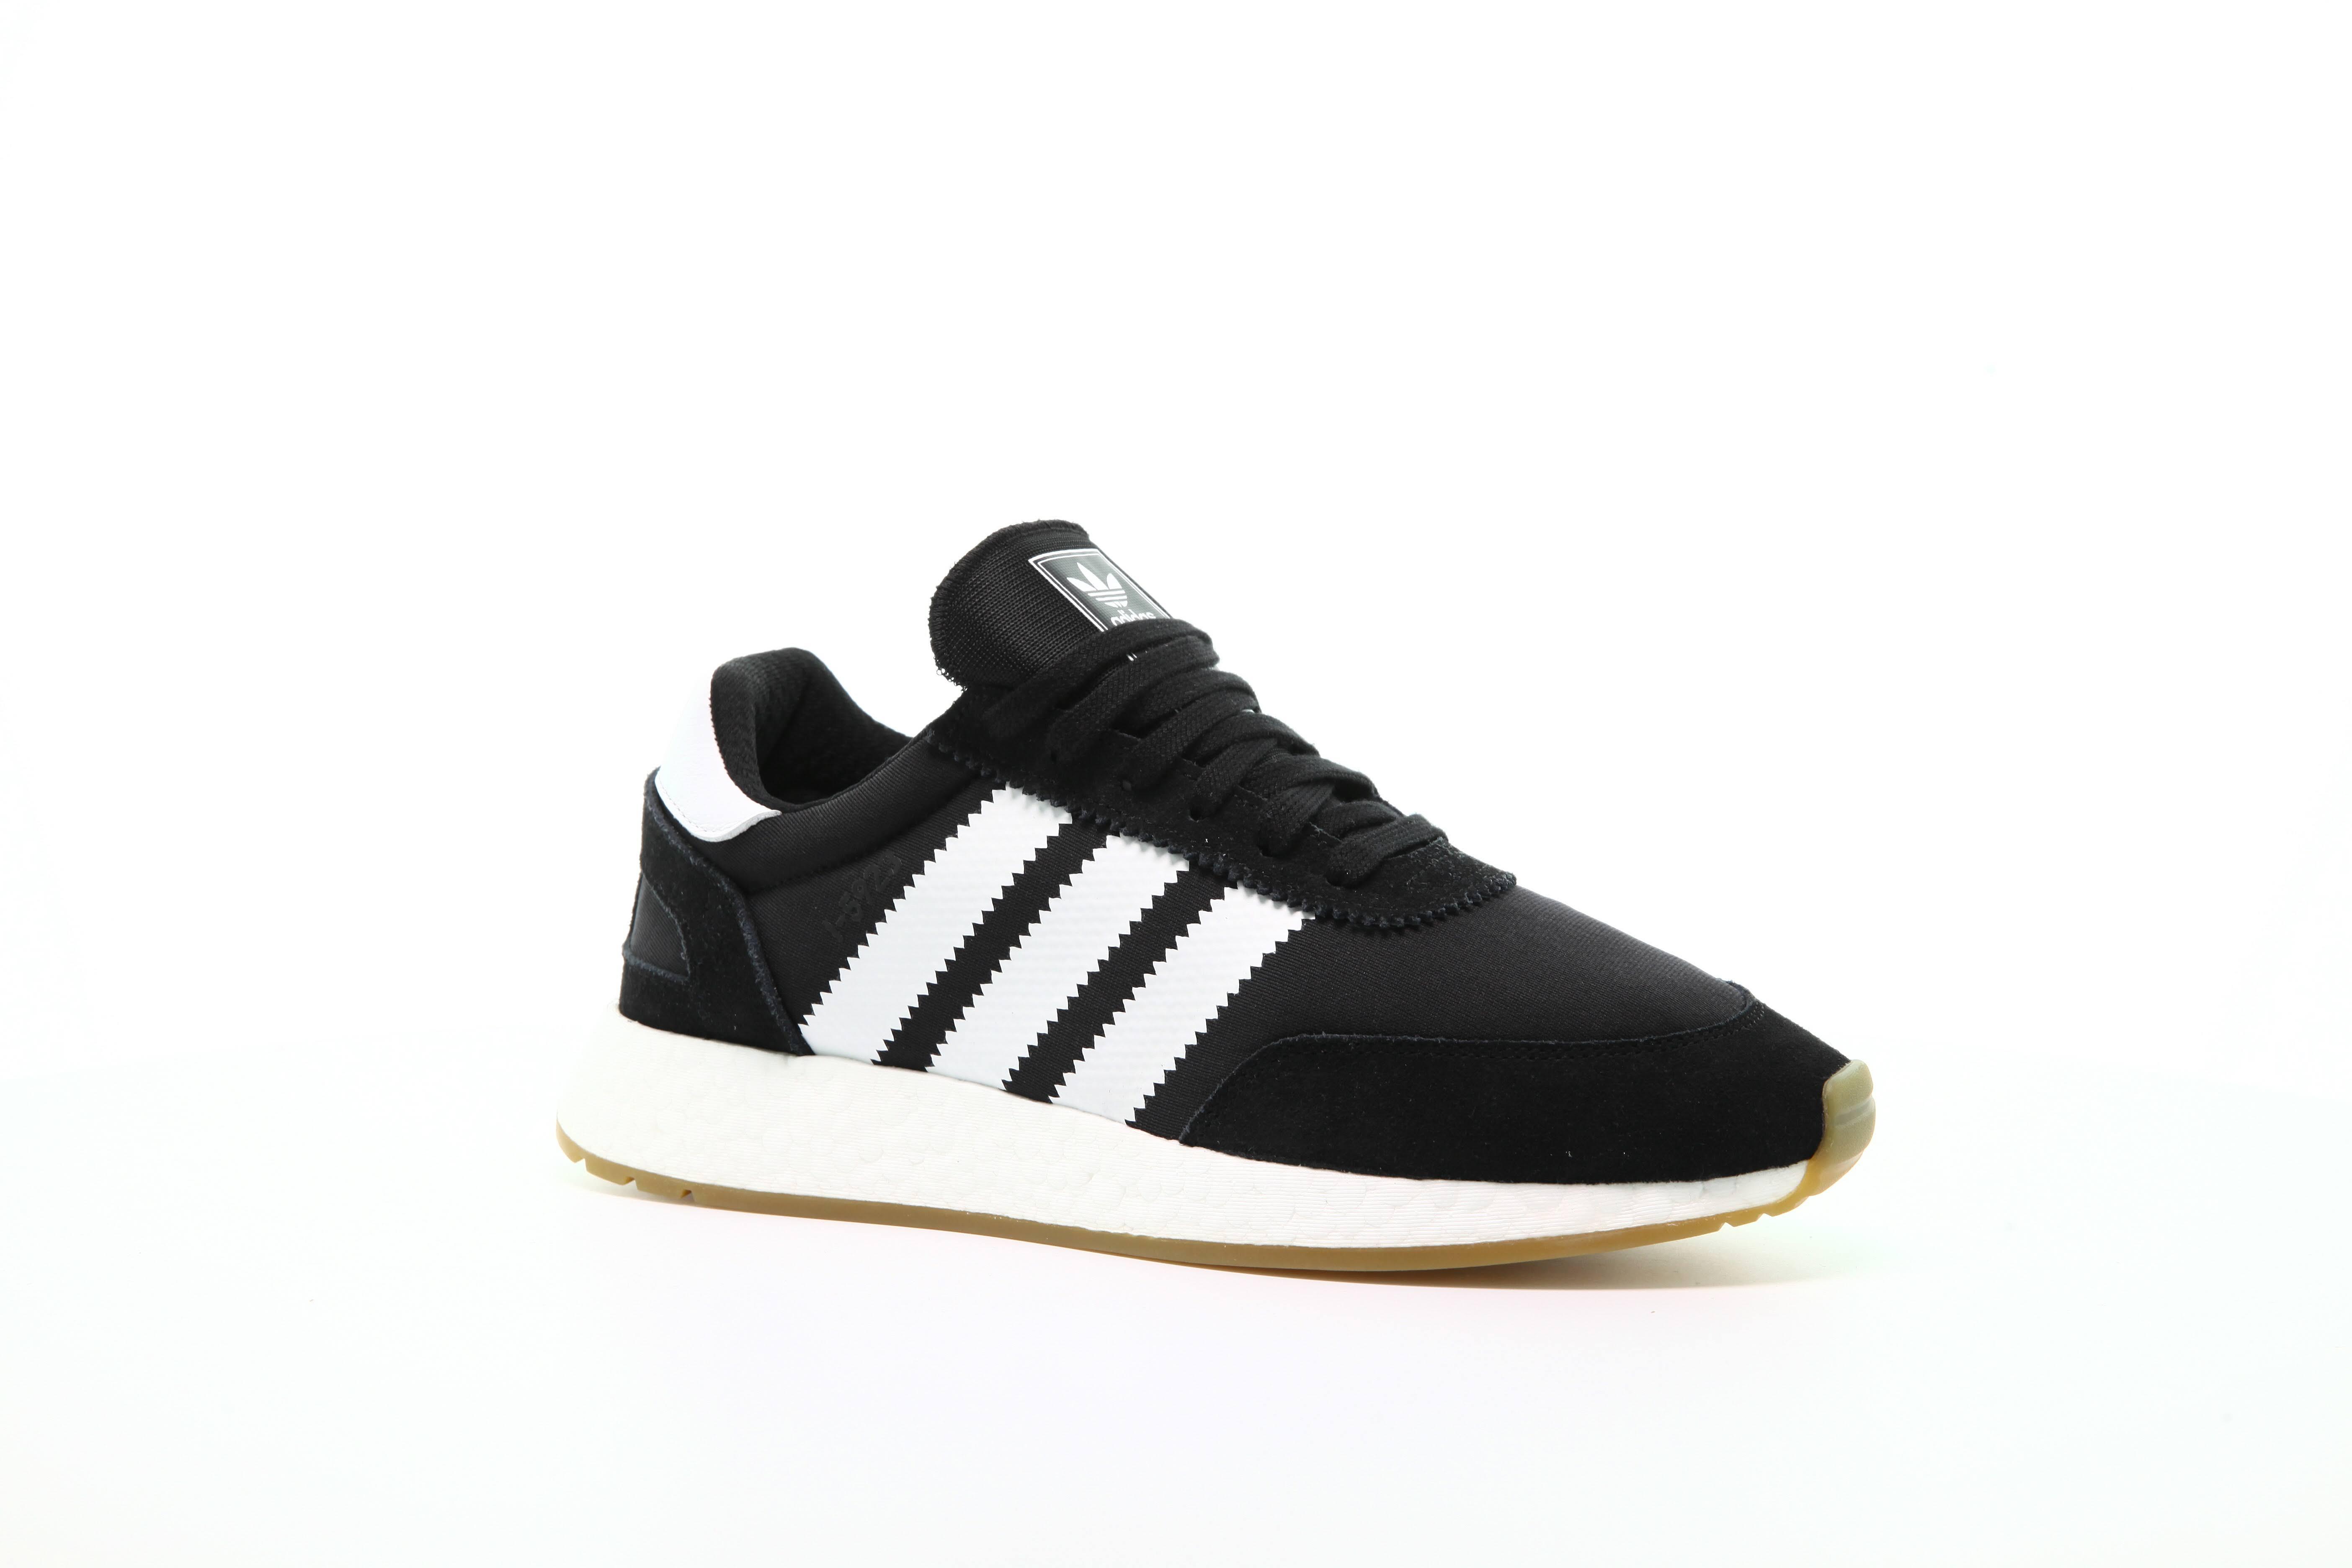 I Adidas BoostZwartHeren Originals Adidas Originals 5923 lc3KT1FJ